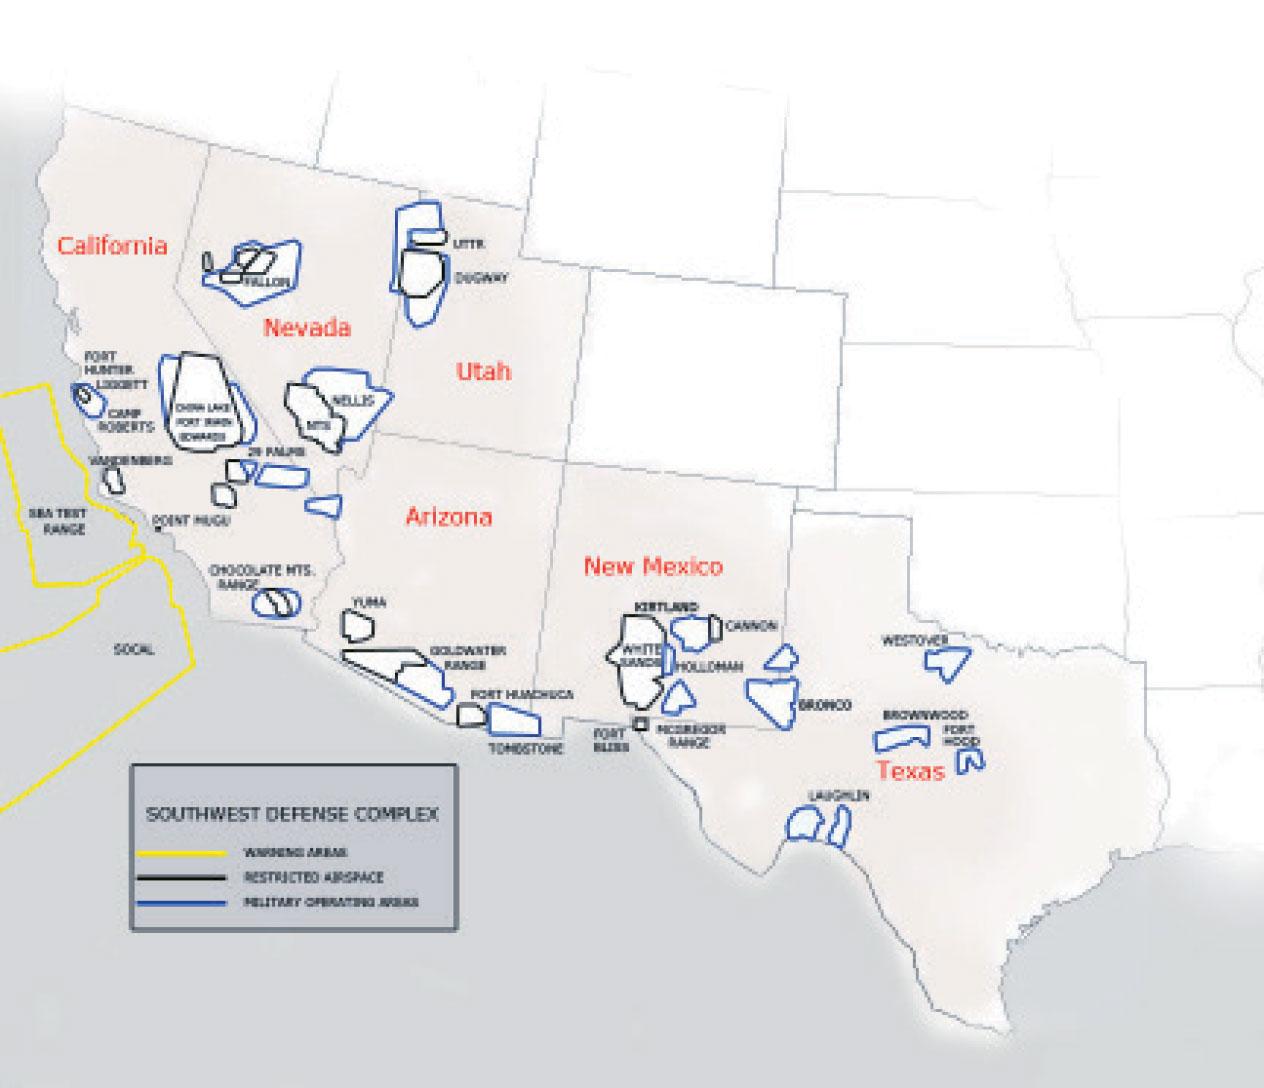 Southwest Defense Complex